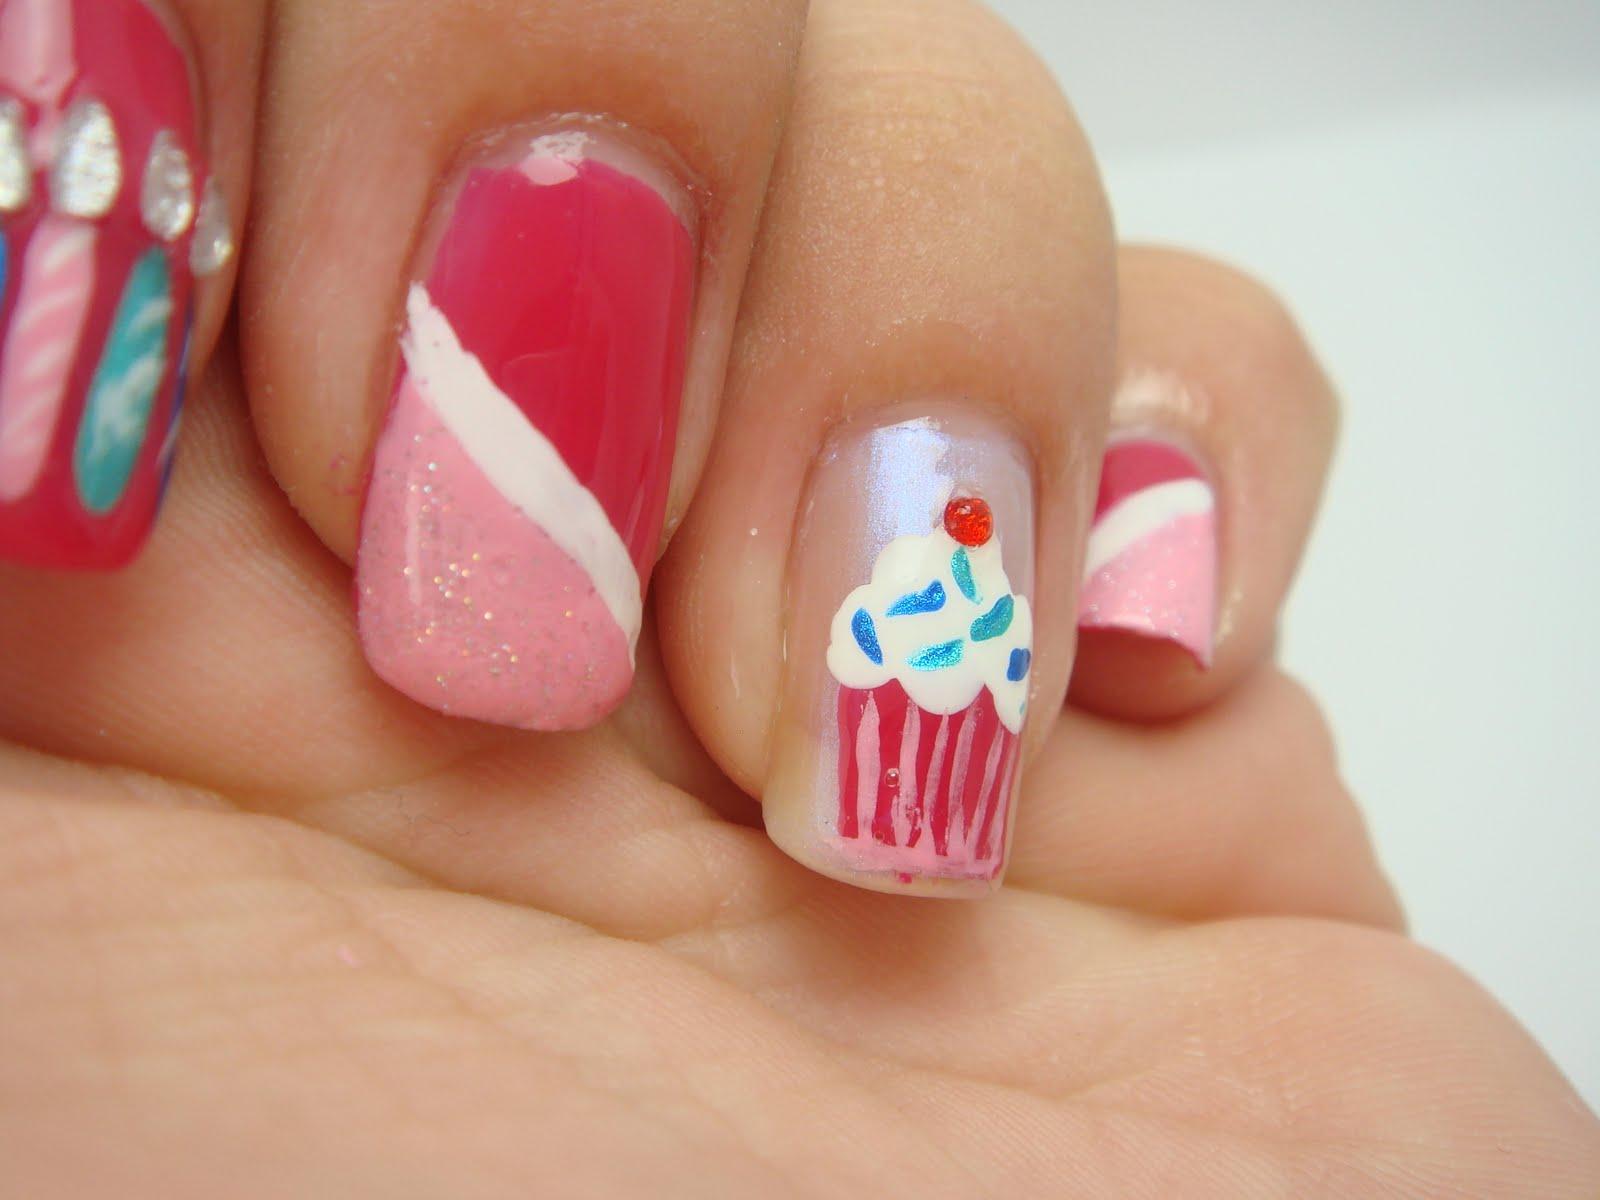 All Nail and Cosmetics: Birthday Cupcake Nails